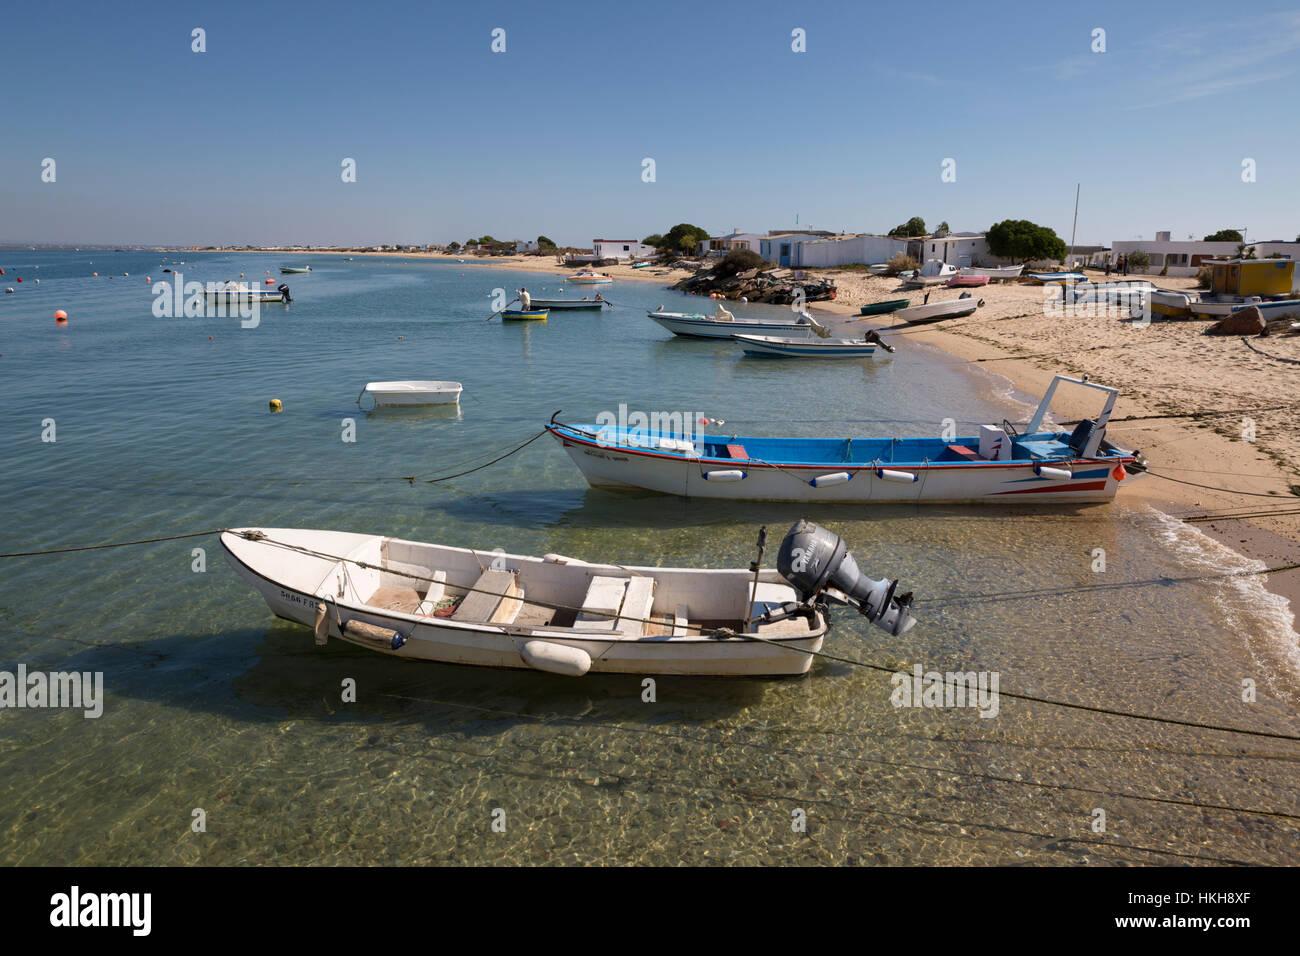 Barche ormeggiato a spiaggia di Ilha do Farol, Culatra isola barriera, Olhao, Algarve, Portogallo, Europa Immagini Stock